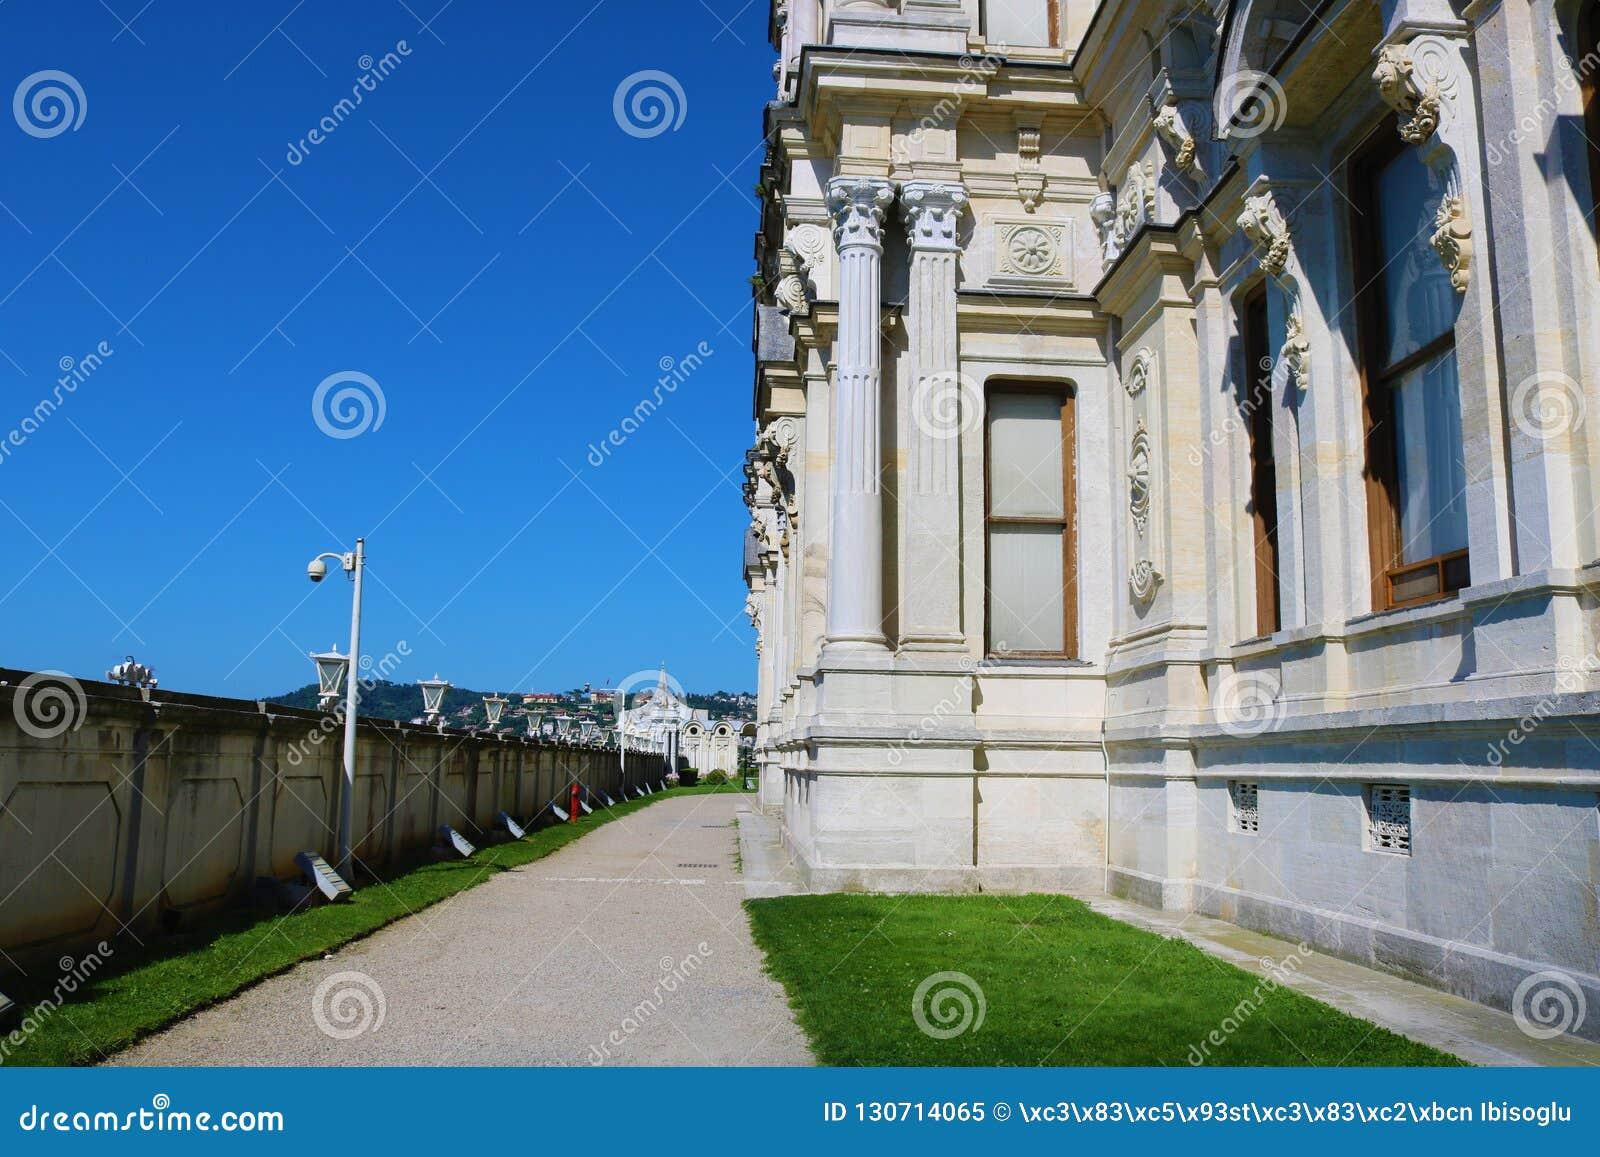 Beylerbeyi Palace In Istanbul Turkey Stock Image Image Of